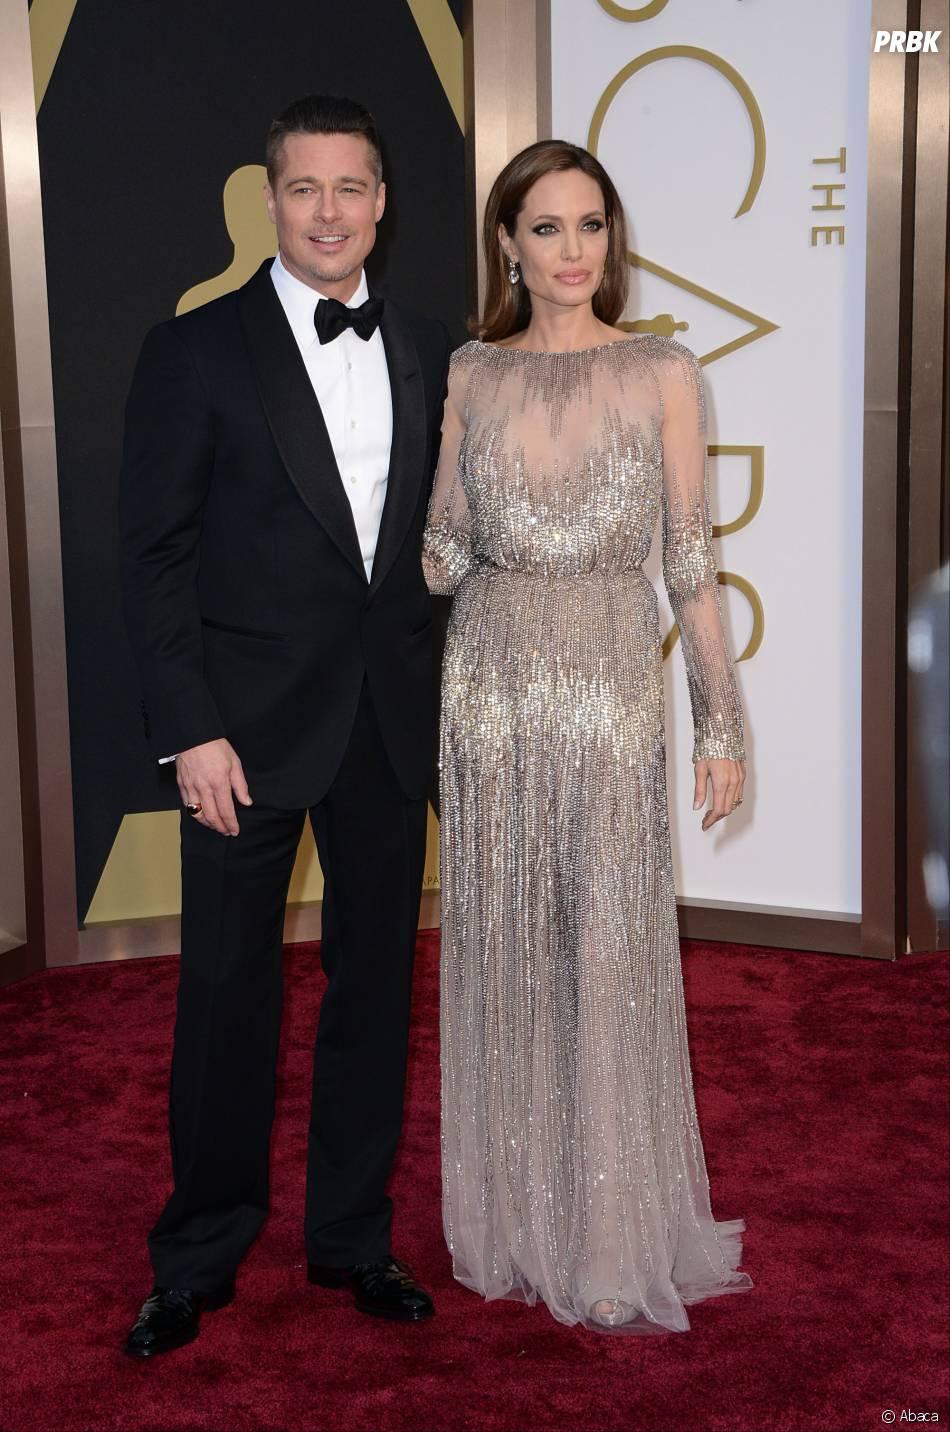 Brad Pitt et Angelina Jolie sur le tapis-rouge des Oscars le 2 mars 2014